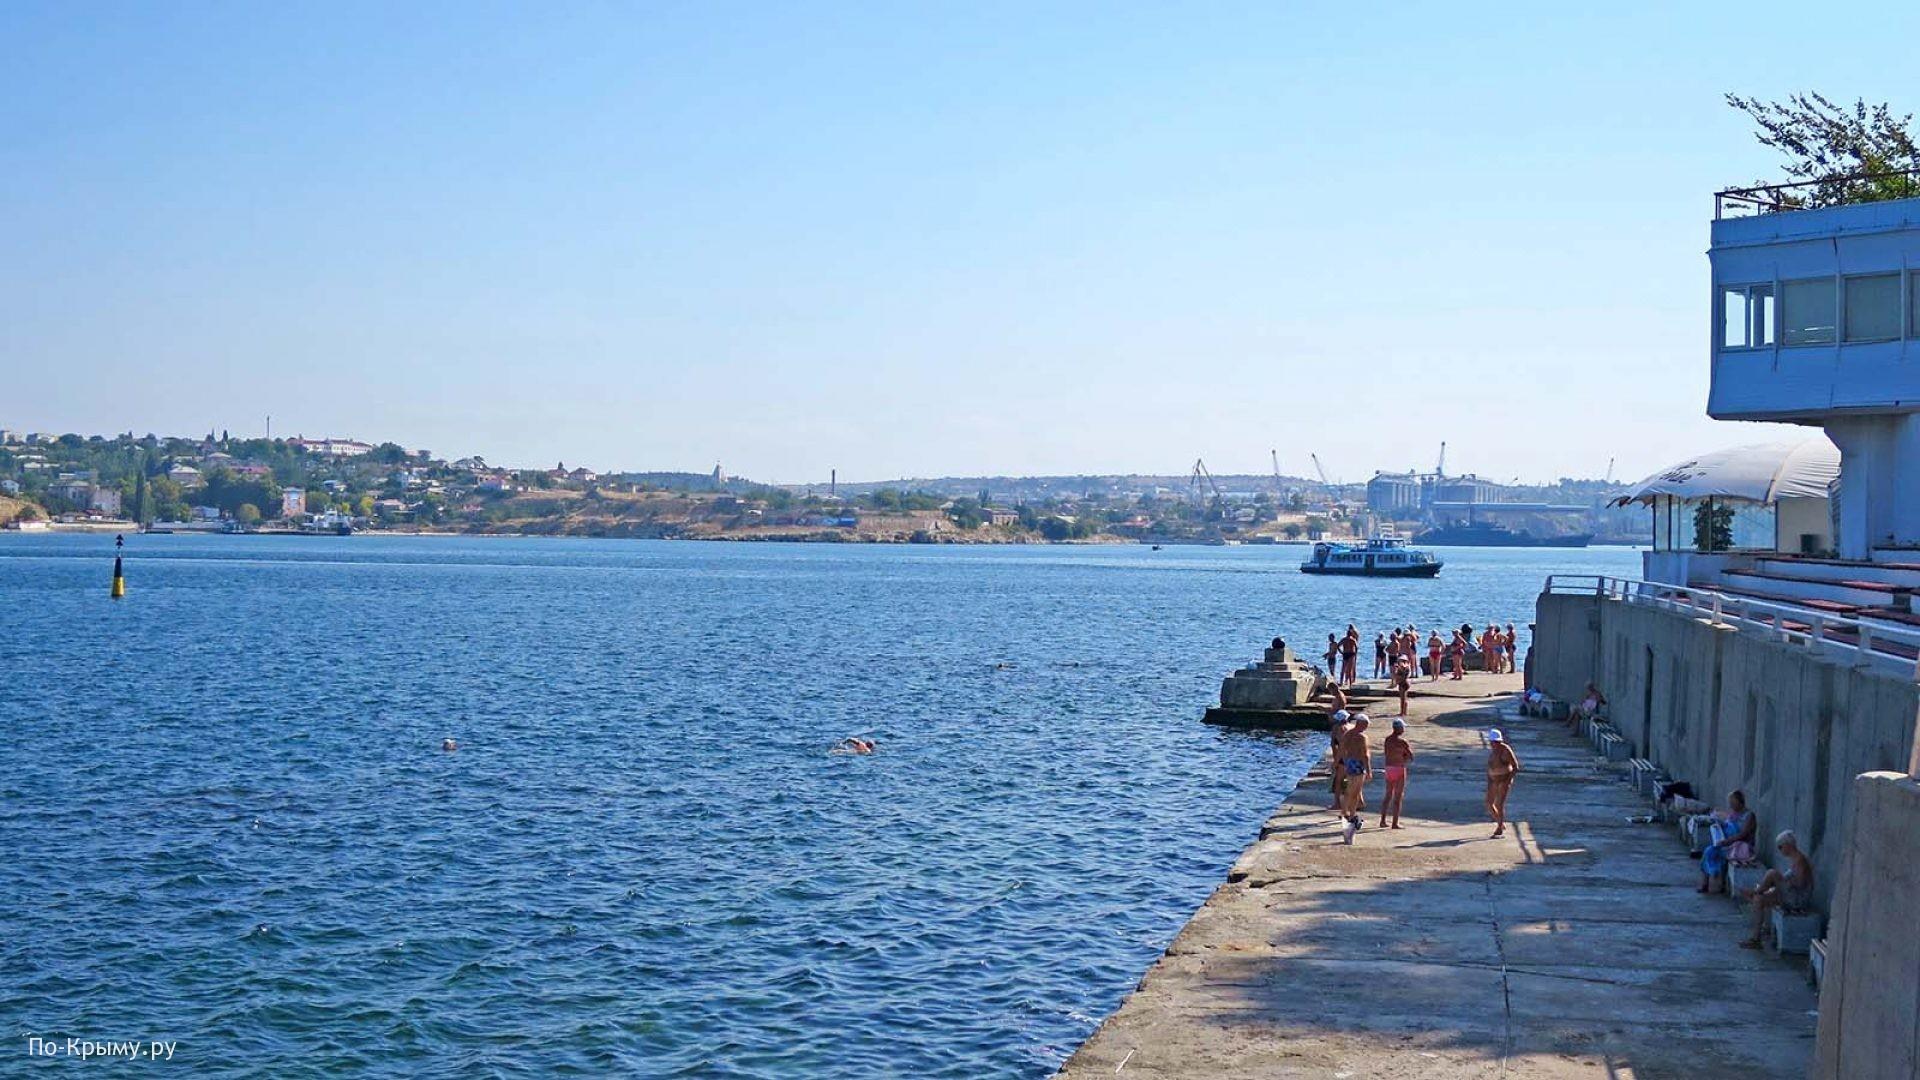 Бетонные пляжи Севастопольской бухты